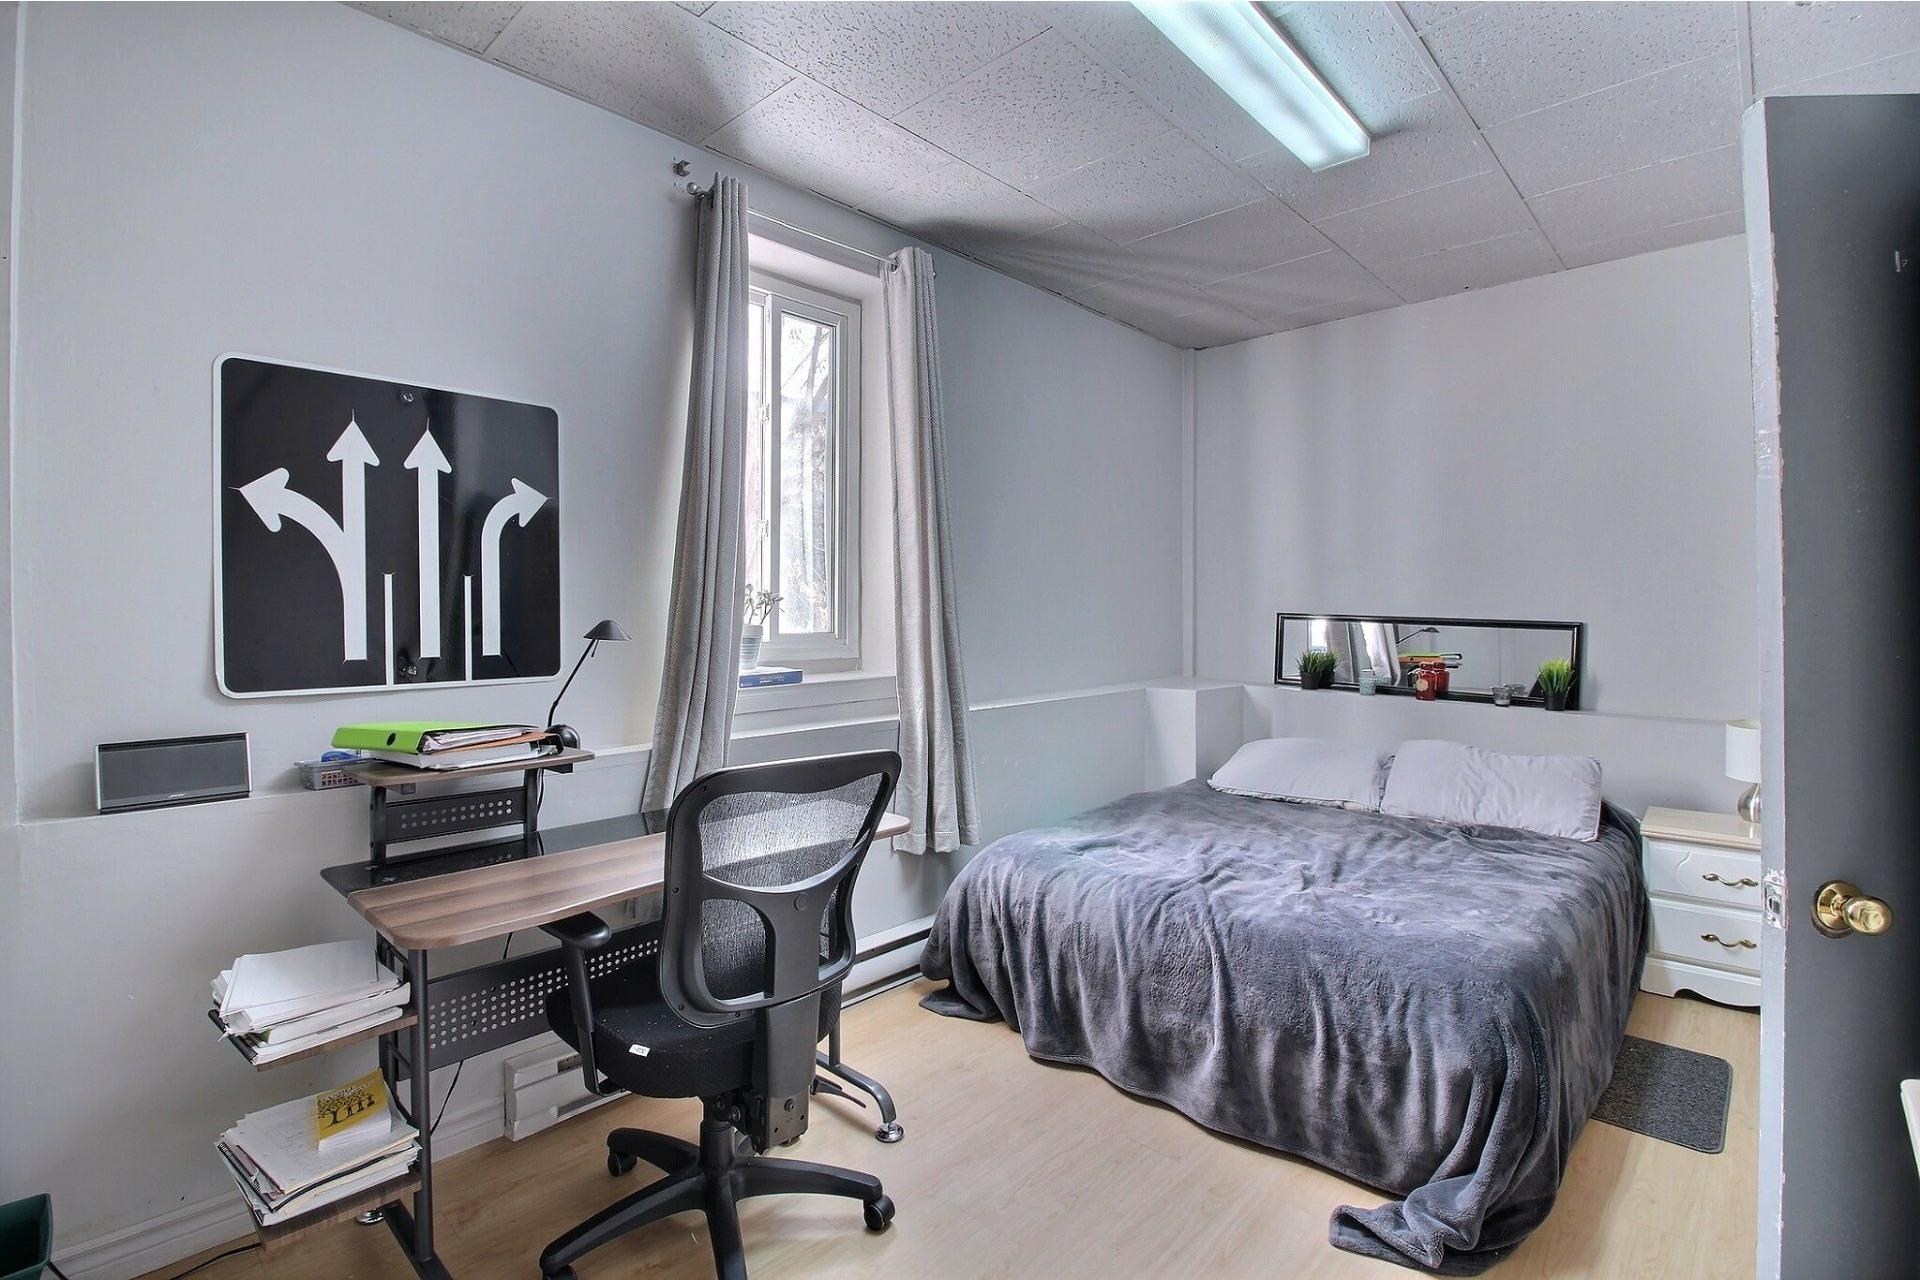 image 7 - Duplex À vendre Fleurimont Sherbrooke  - 4 pièces